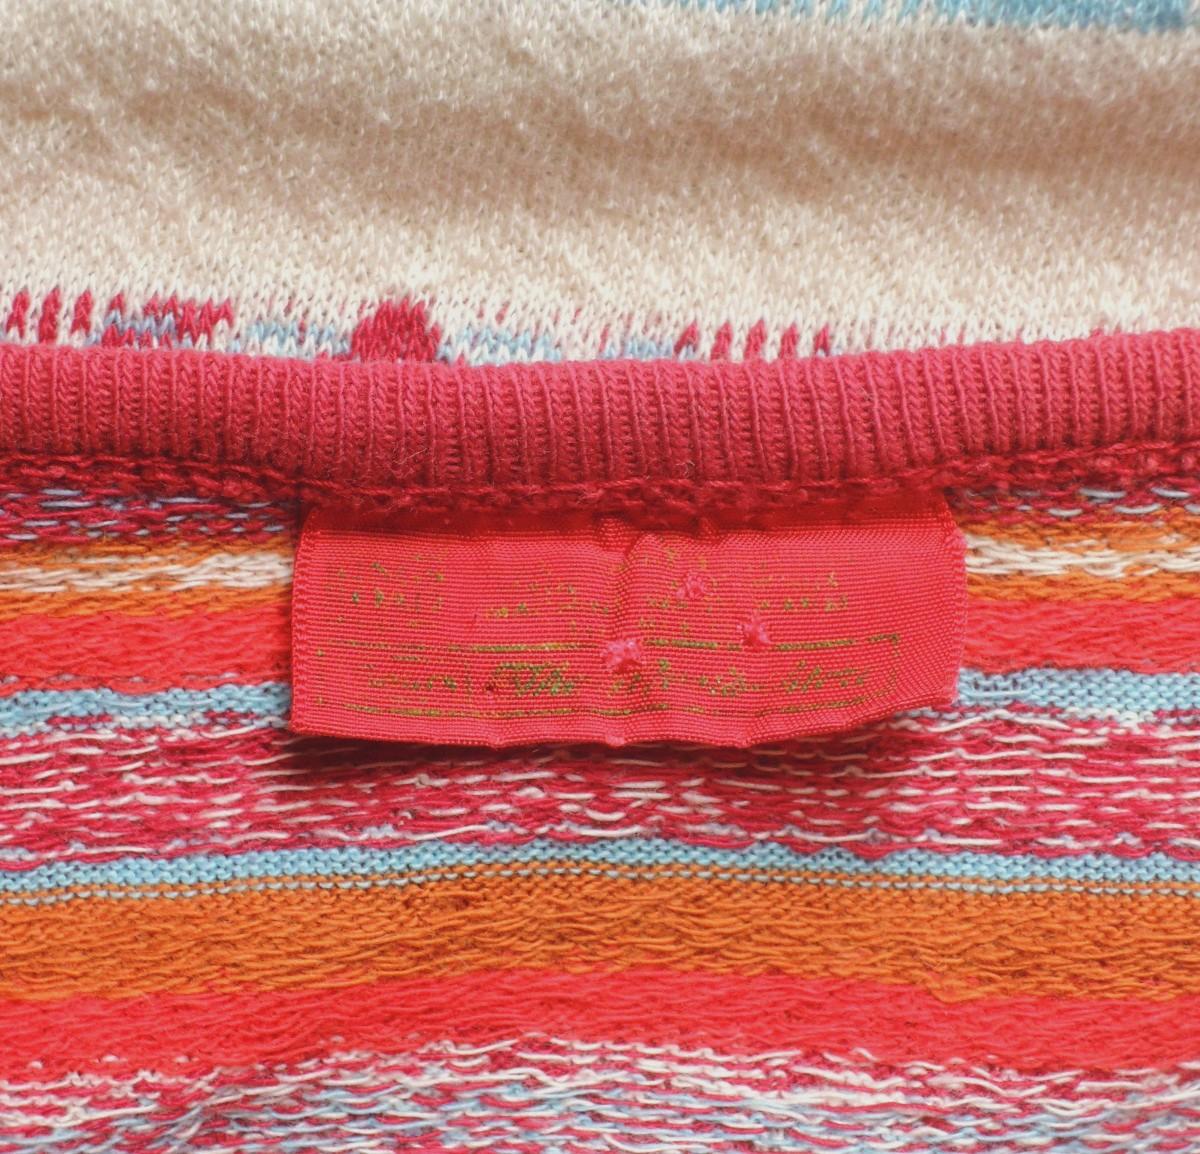 bordertshirts02_03.JPG